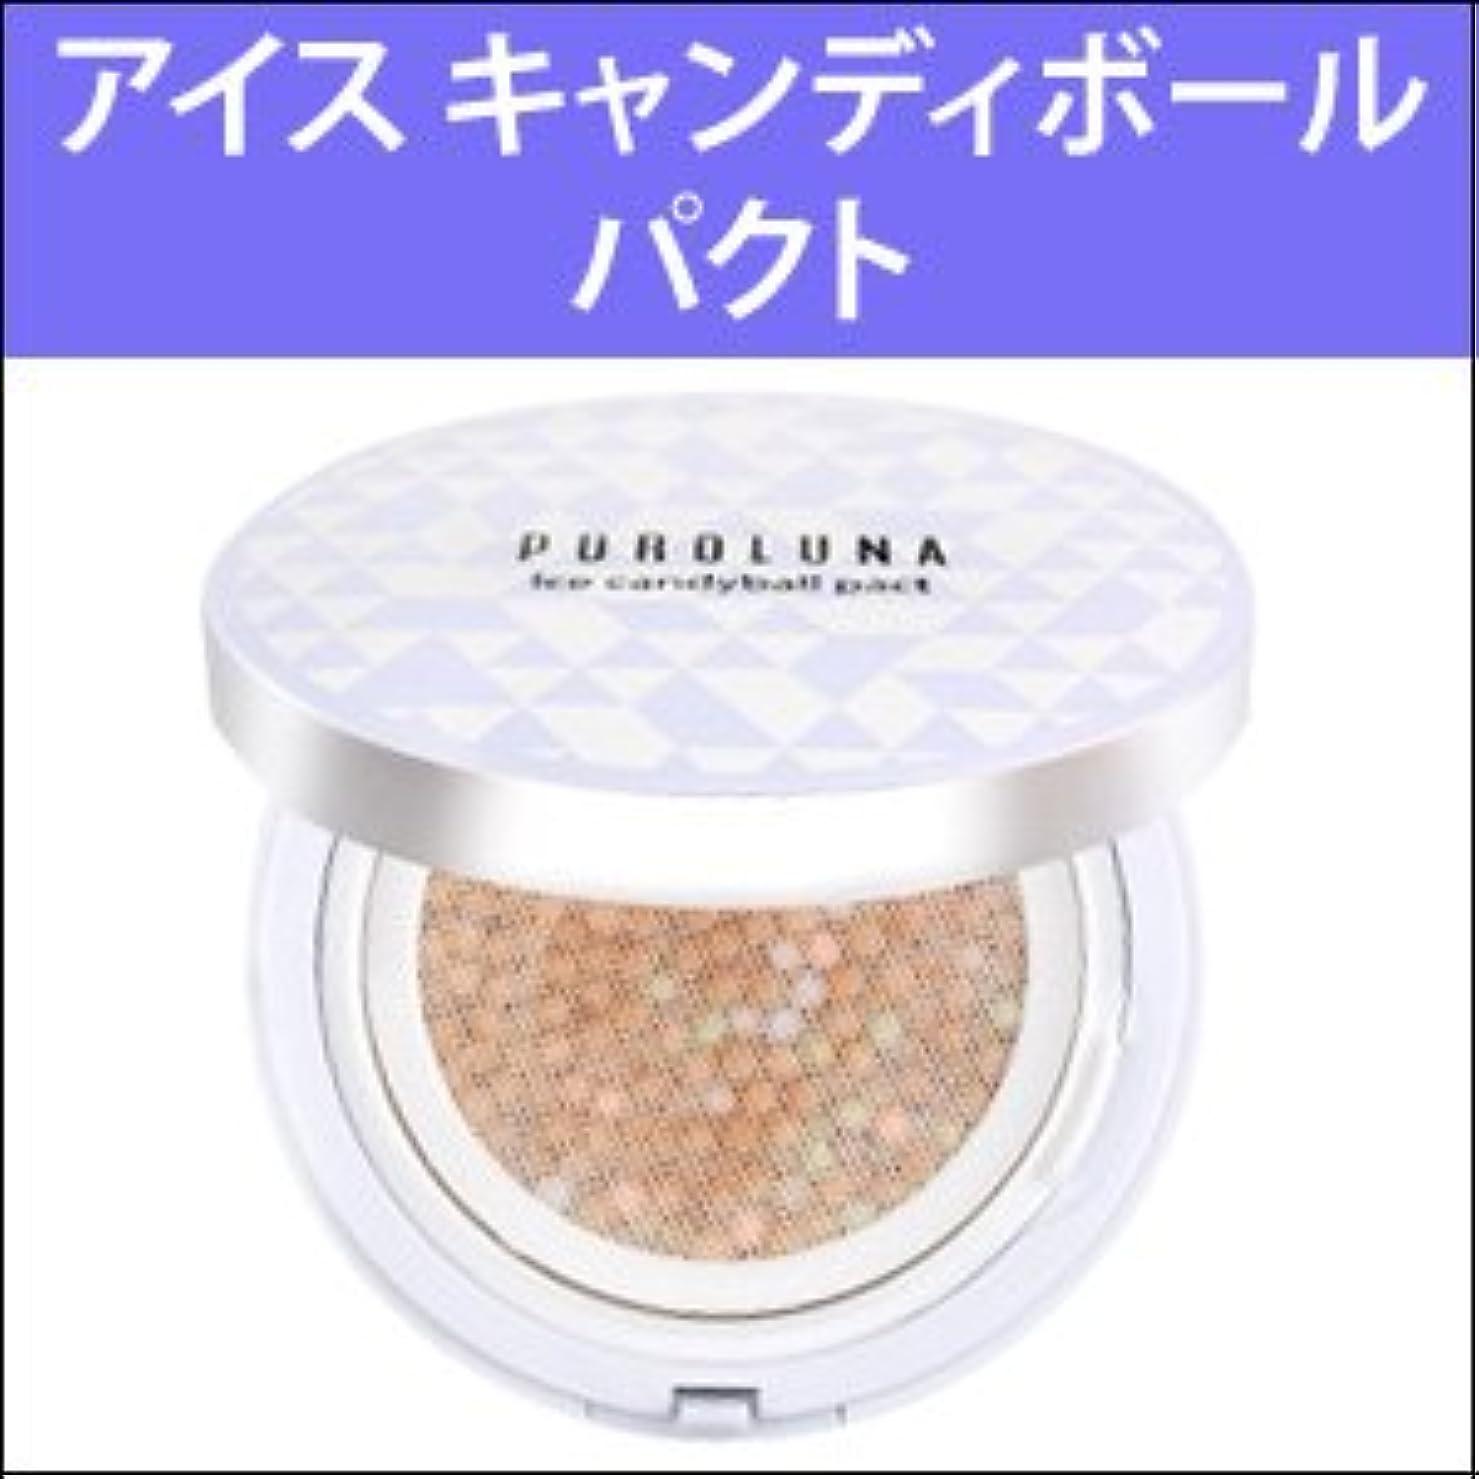 靄完璧シェルター『PUROLUNA?プロルナ』 アイス キャンディボール パクト(SPF50+/PA+++) カラー:1号 バニラ